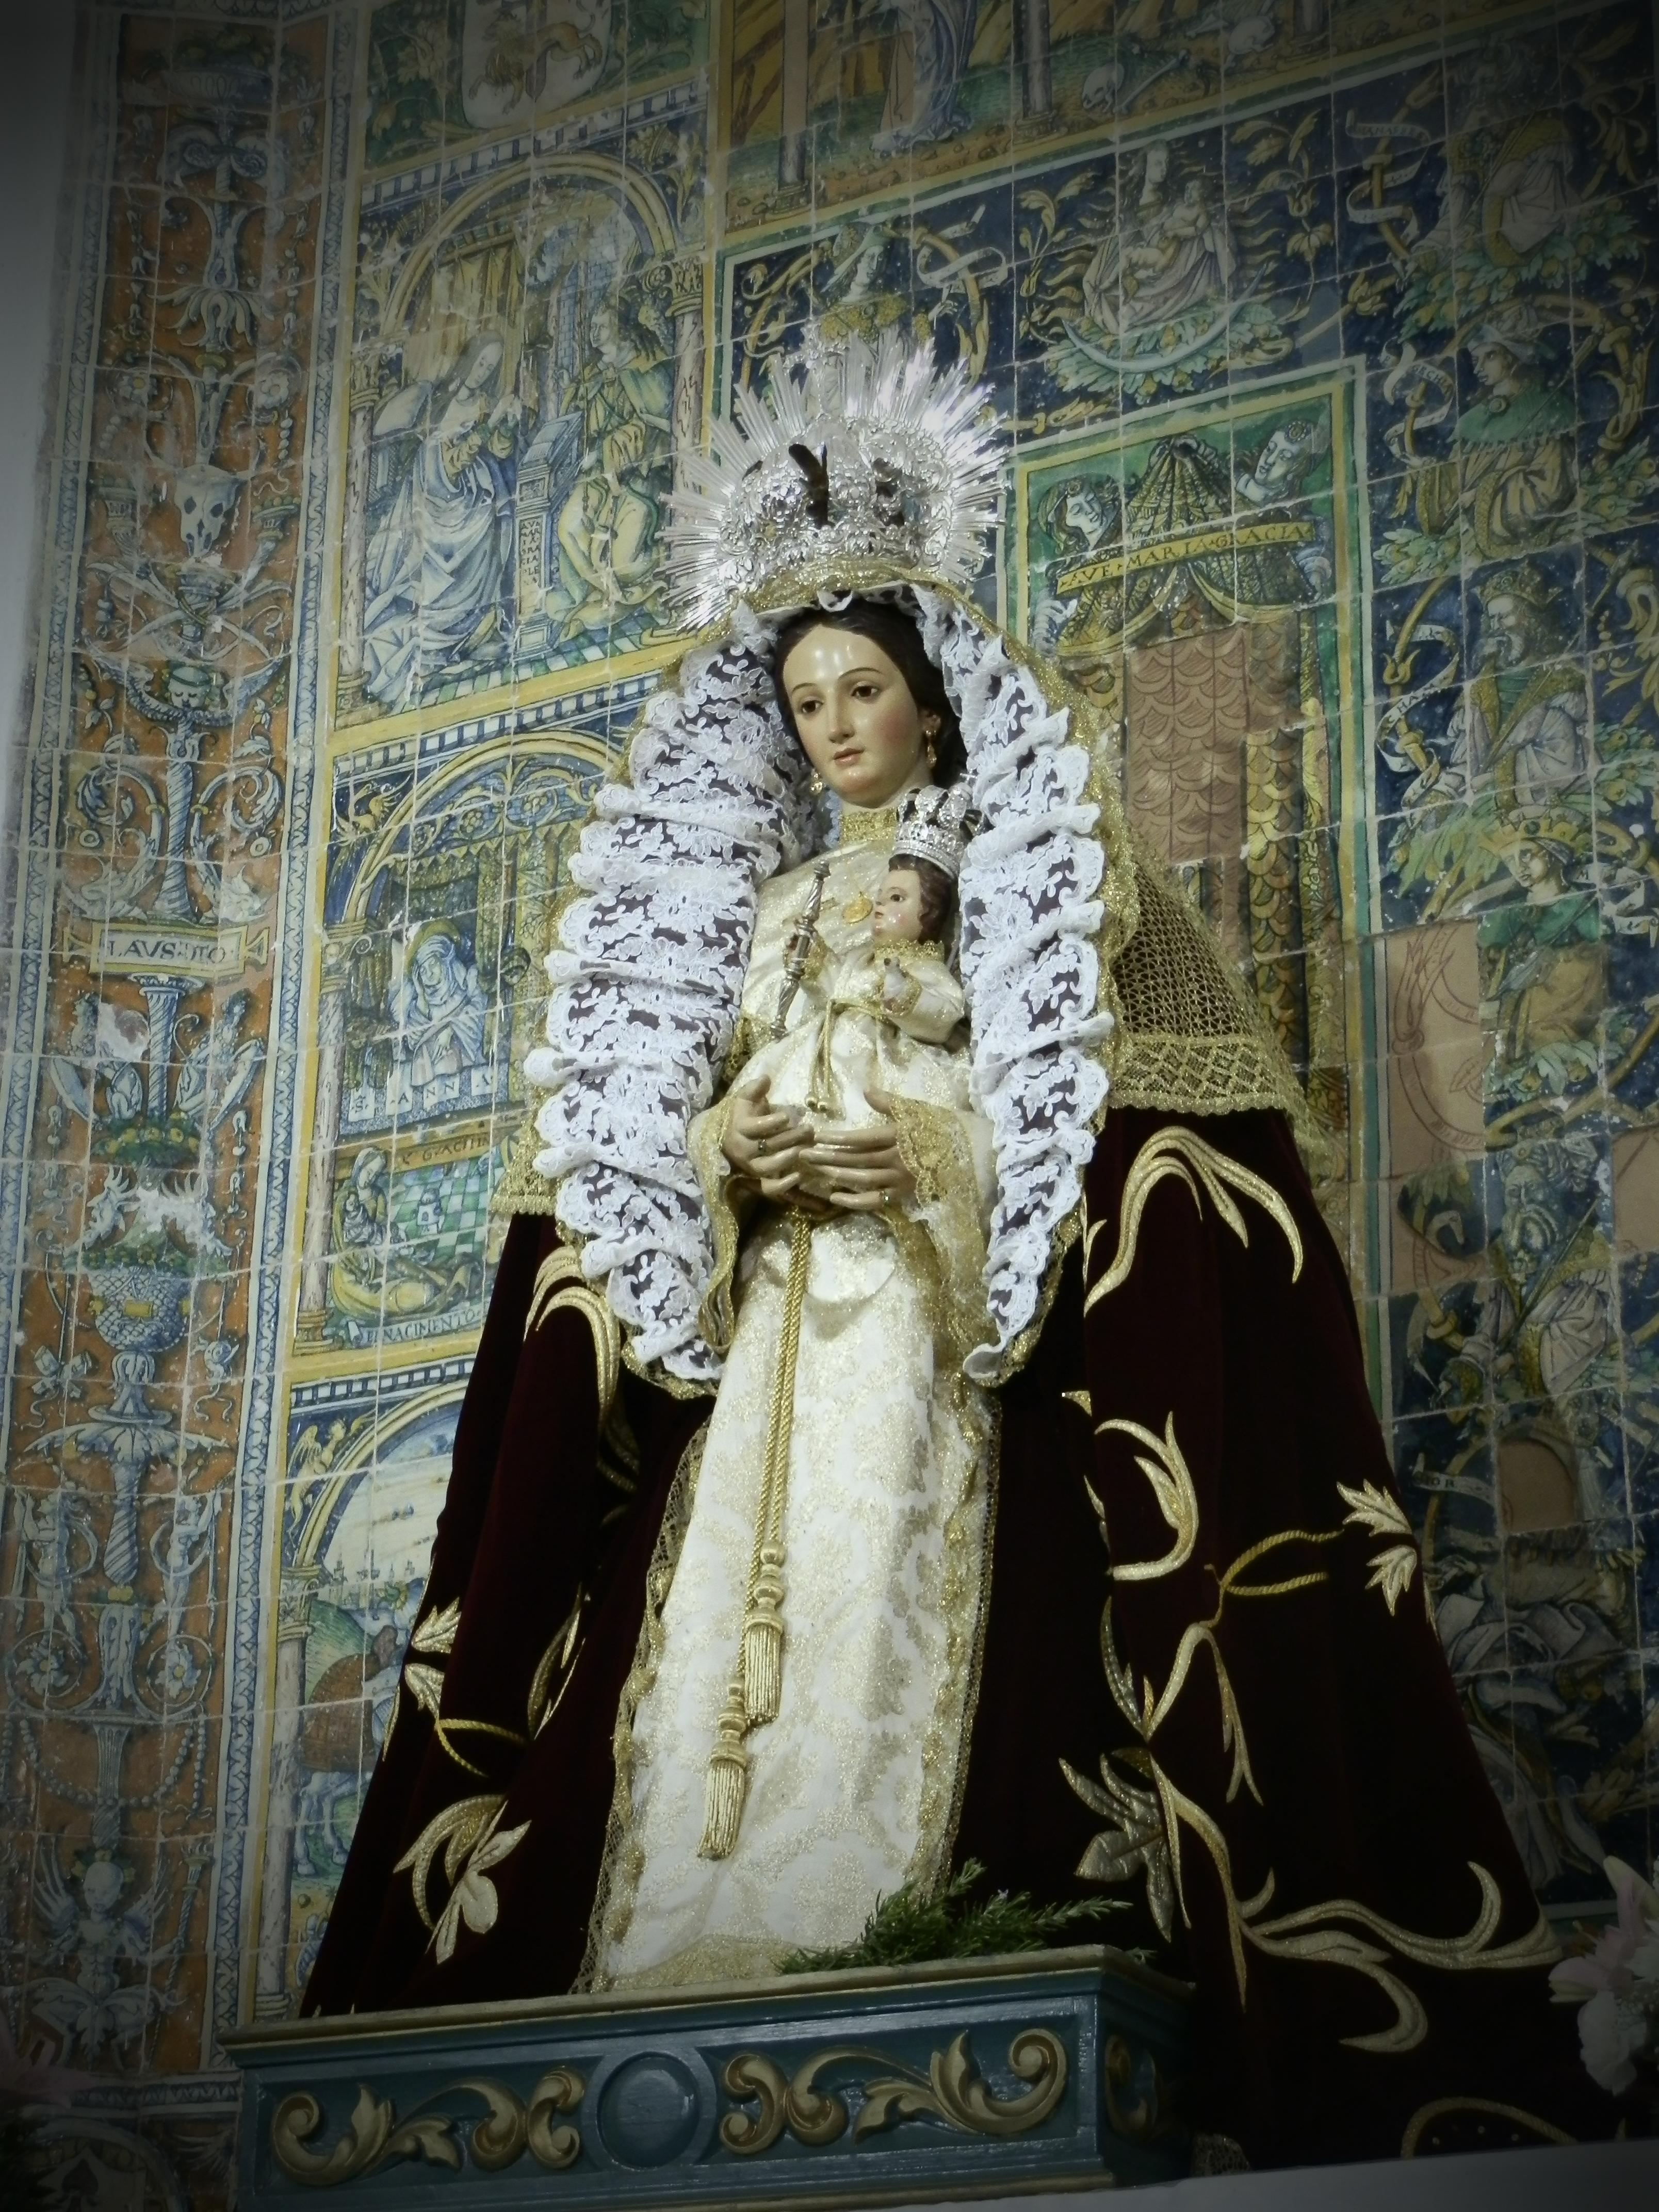 Imagen Virgen de Tentudía